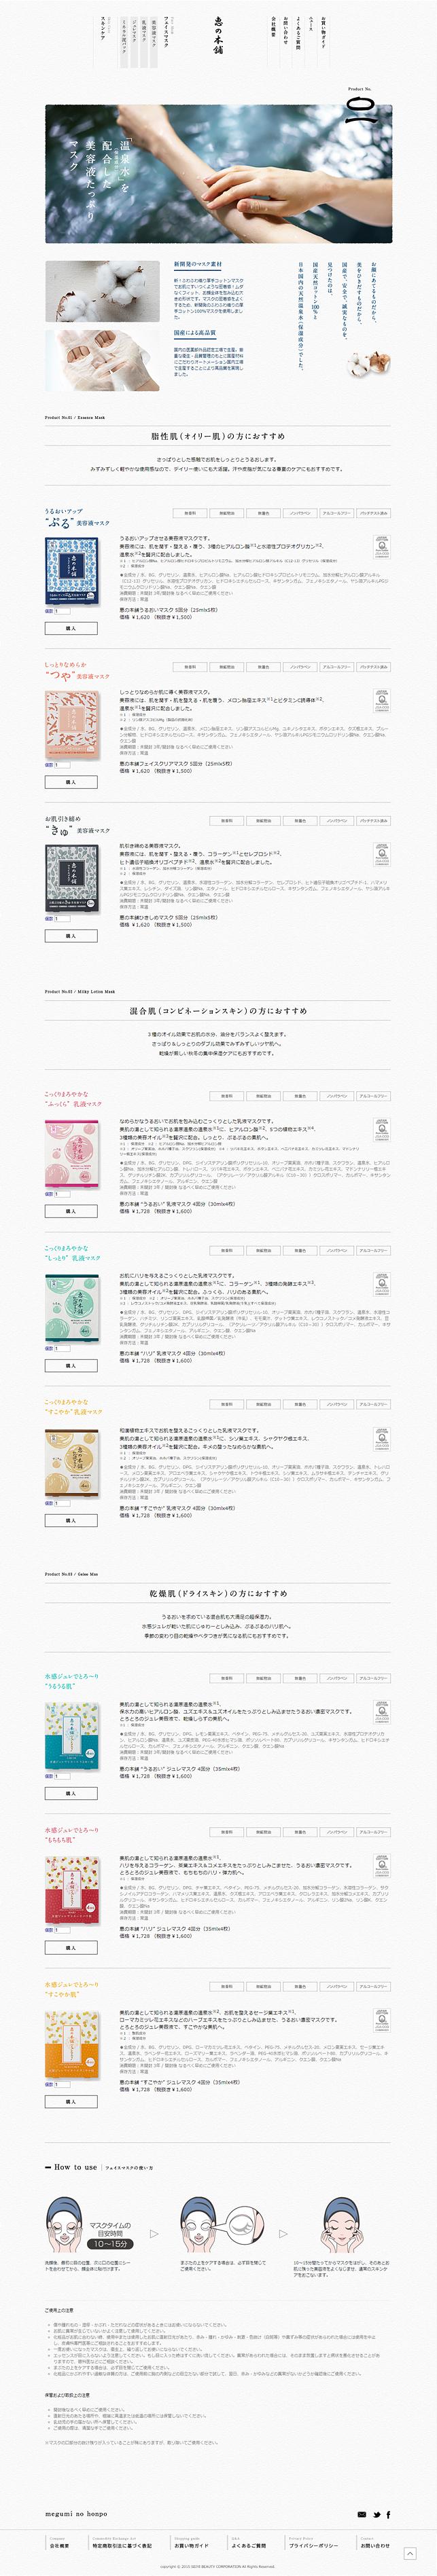 美容・健康・化粧品関連・ウェブサイトデザイン実績2p